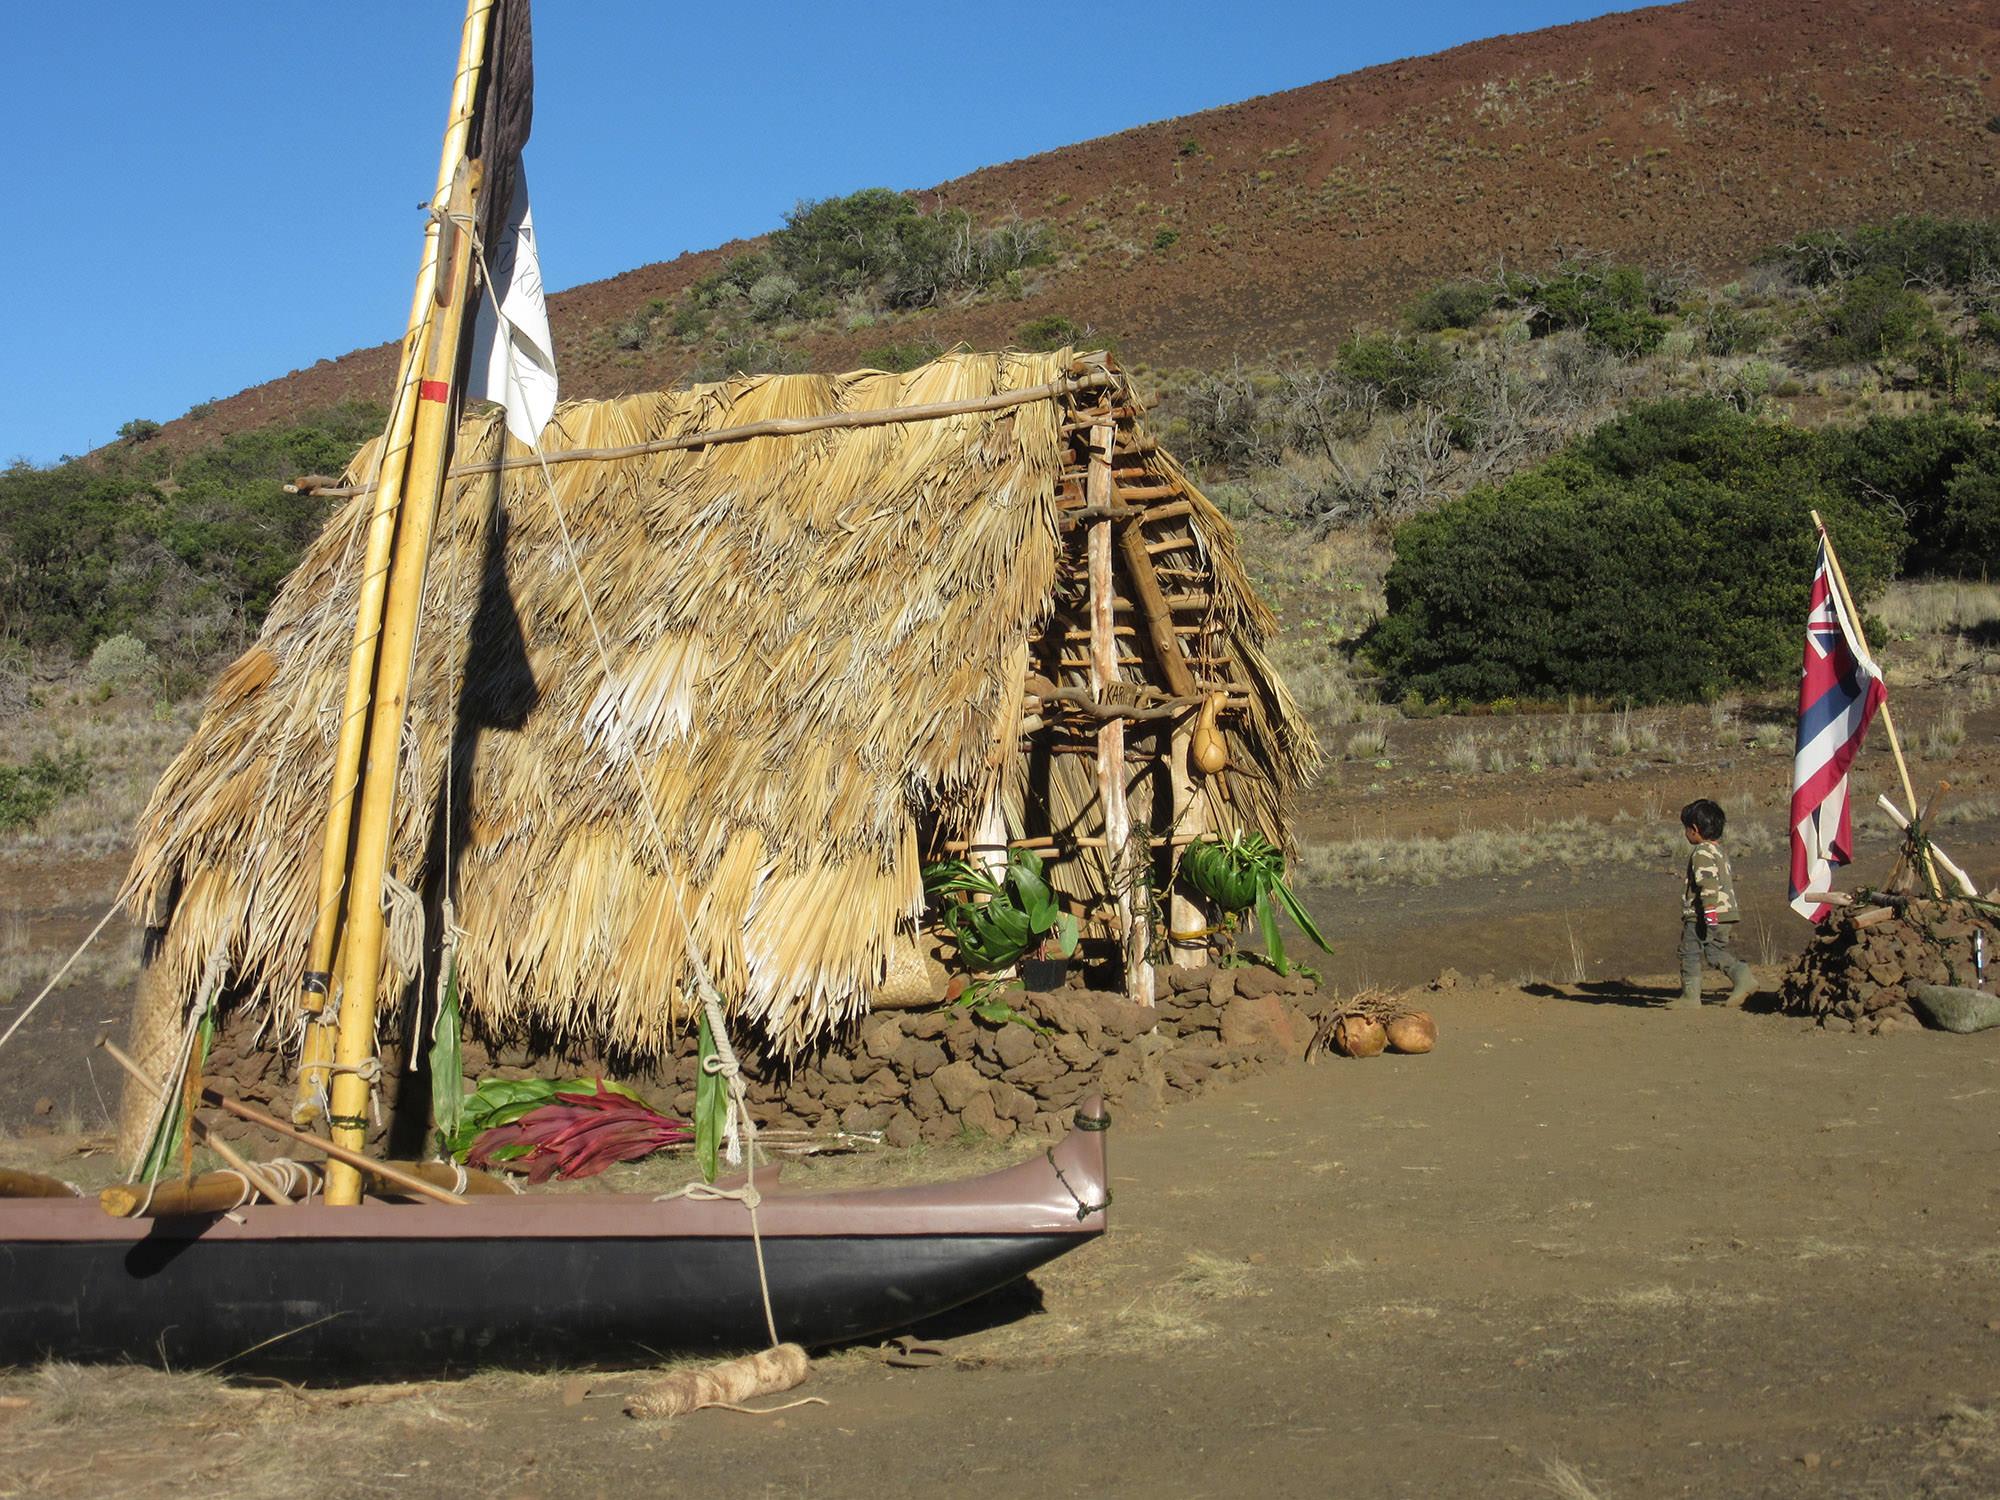 Fig. 26 Kū Hale on Mauna Kea (Mauna a Wākea), Hawai'i Island, June 2015. Photo: ©Greg Johnson